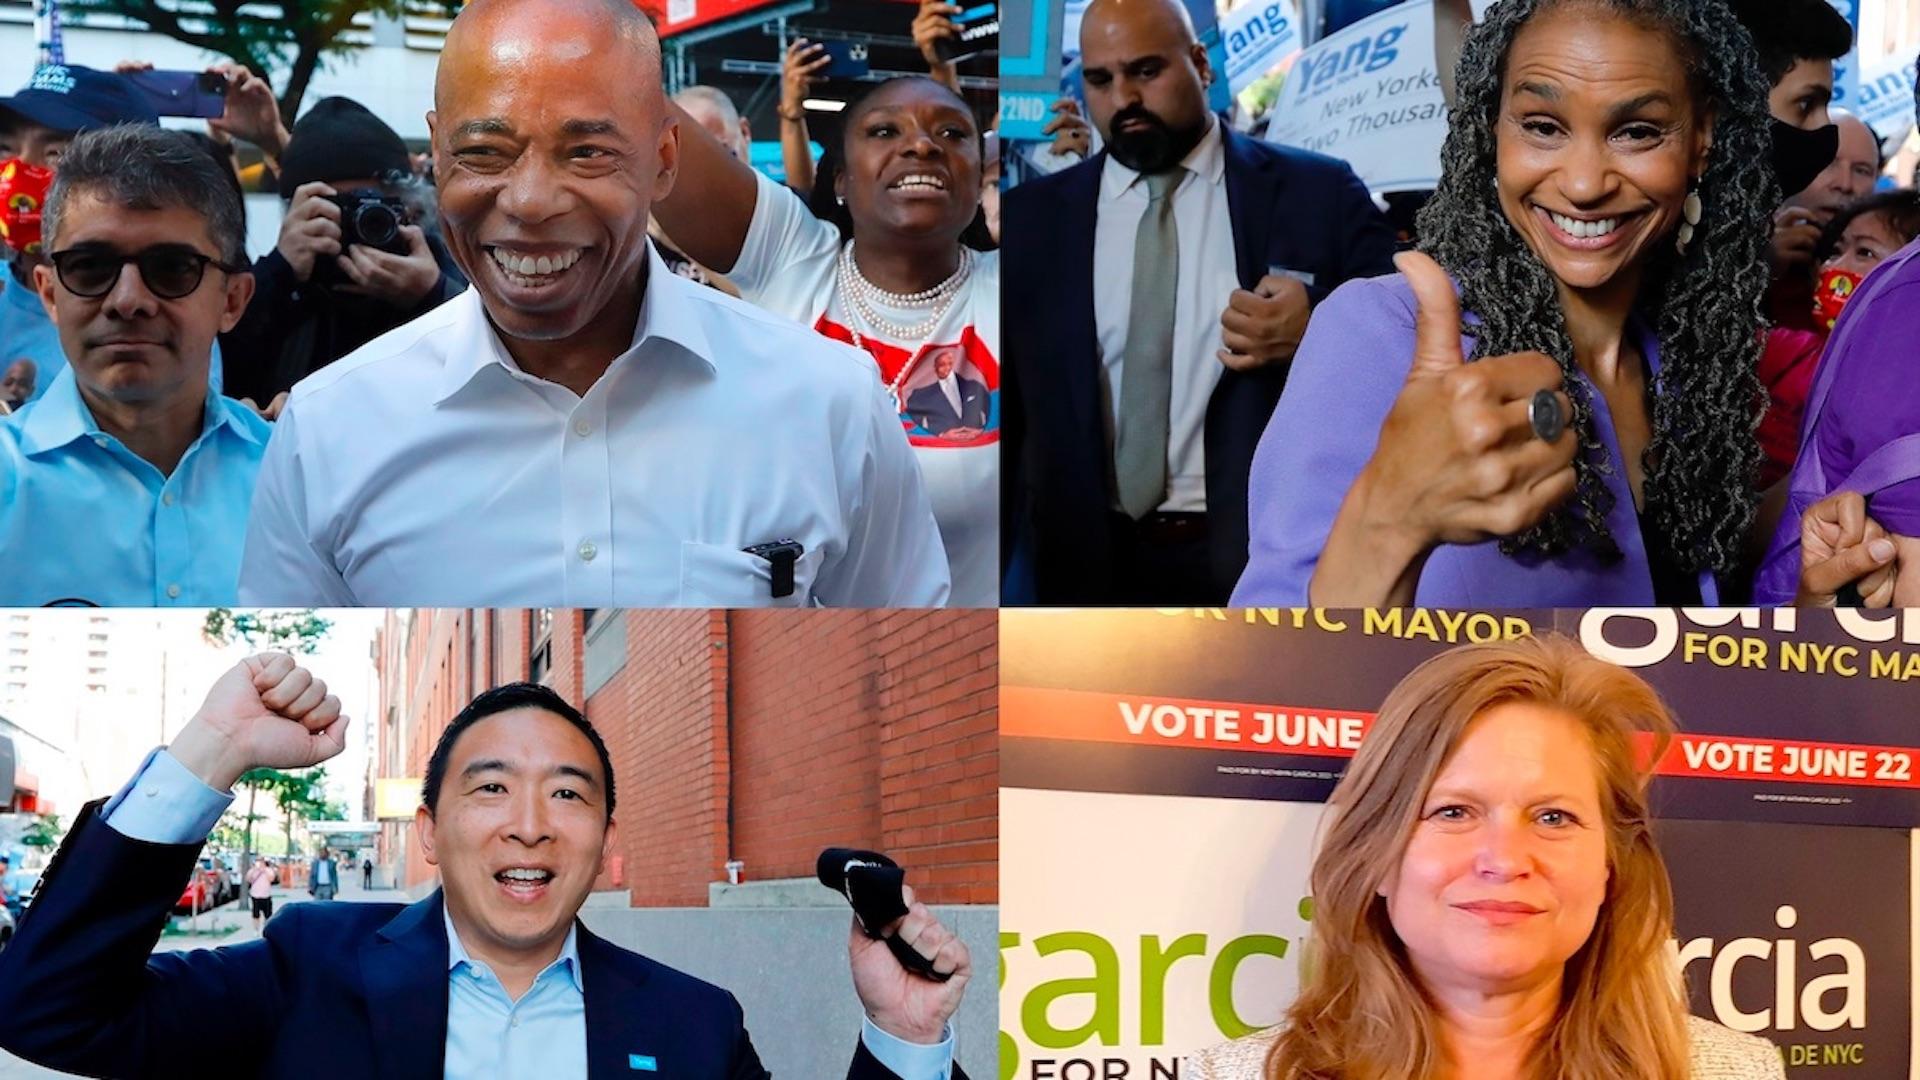 Nueva York realiza elecciones primarias para elegir a alcalde